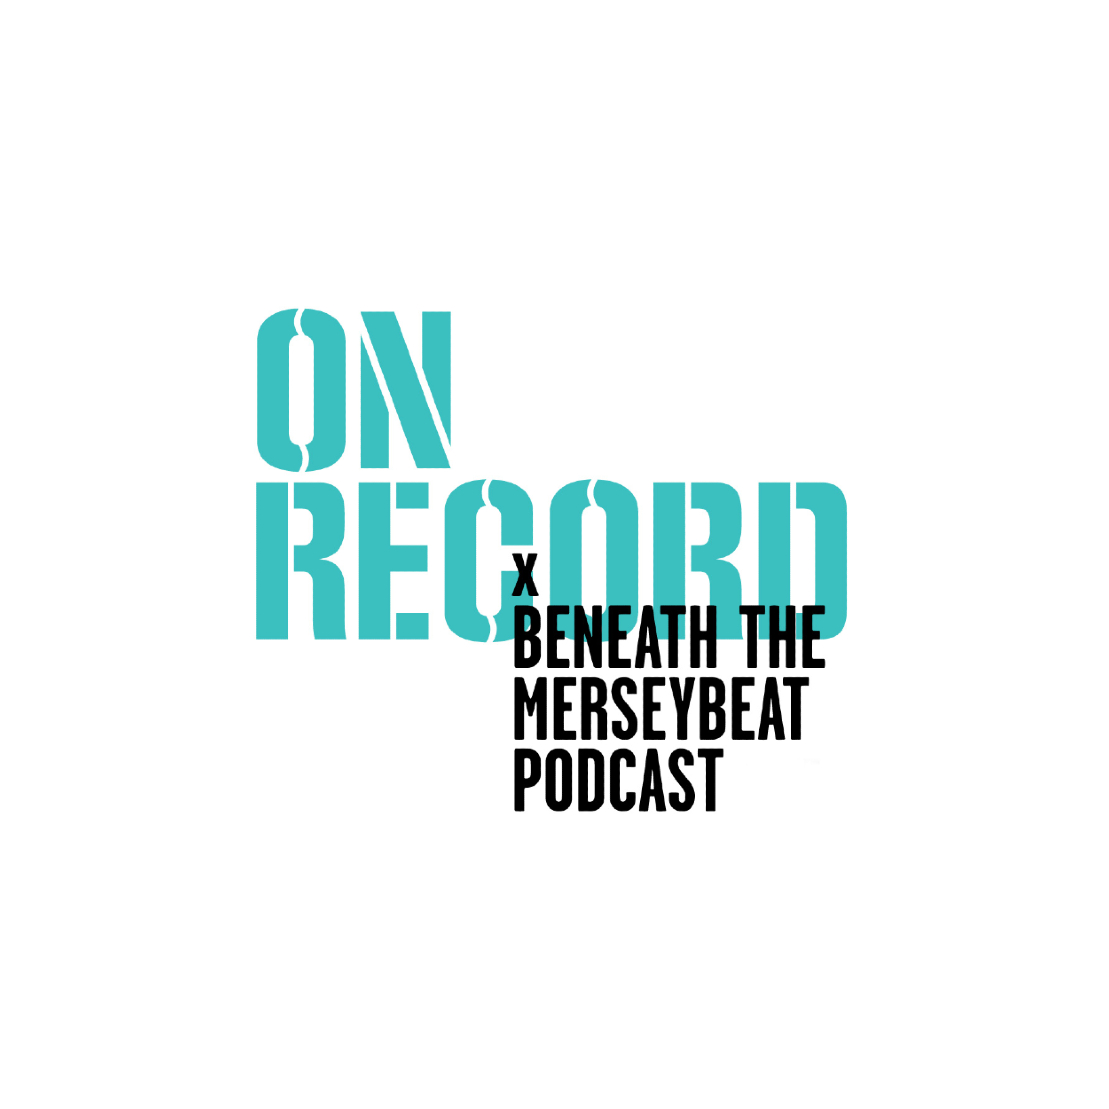 Beneath The Merseybeat